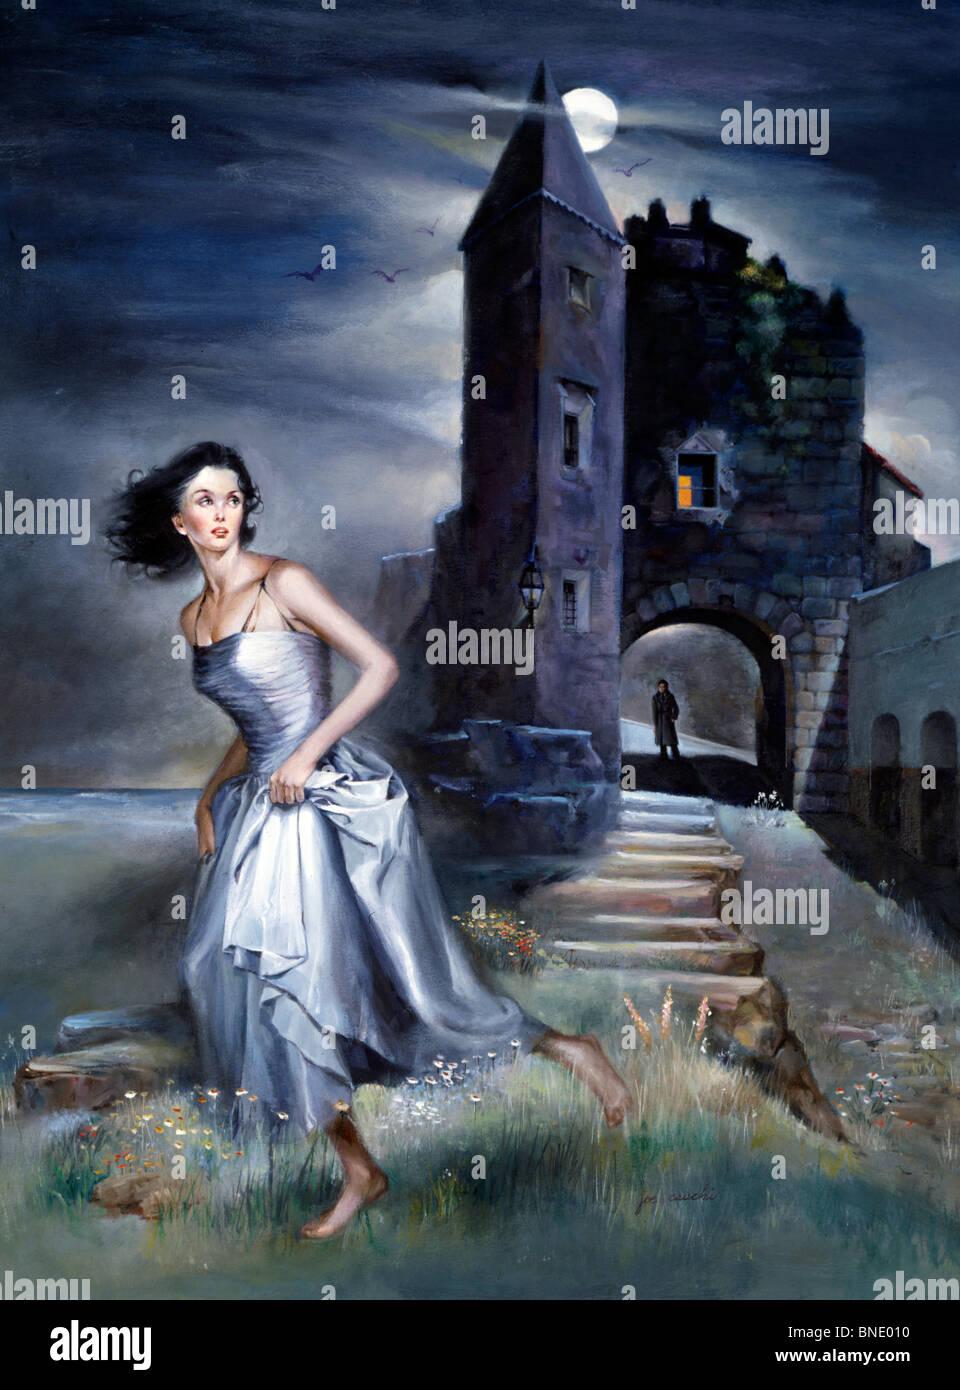 Frau rennt mit einem Schloss im Hintergrund Stockfoto